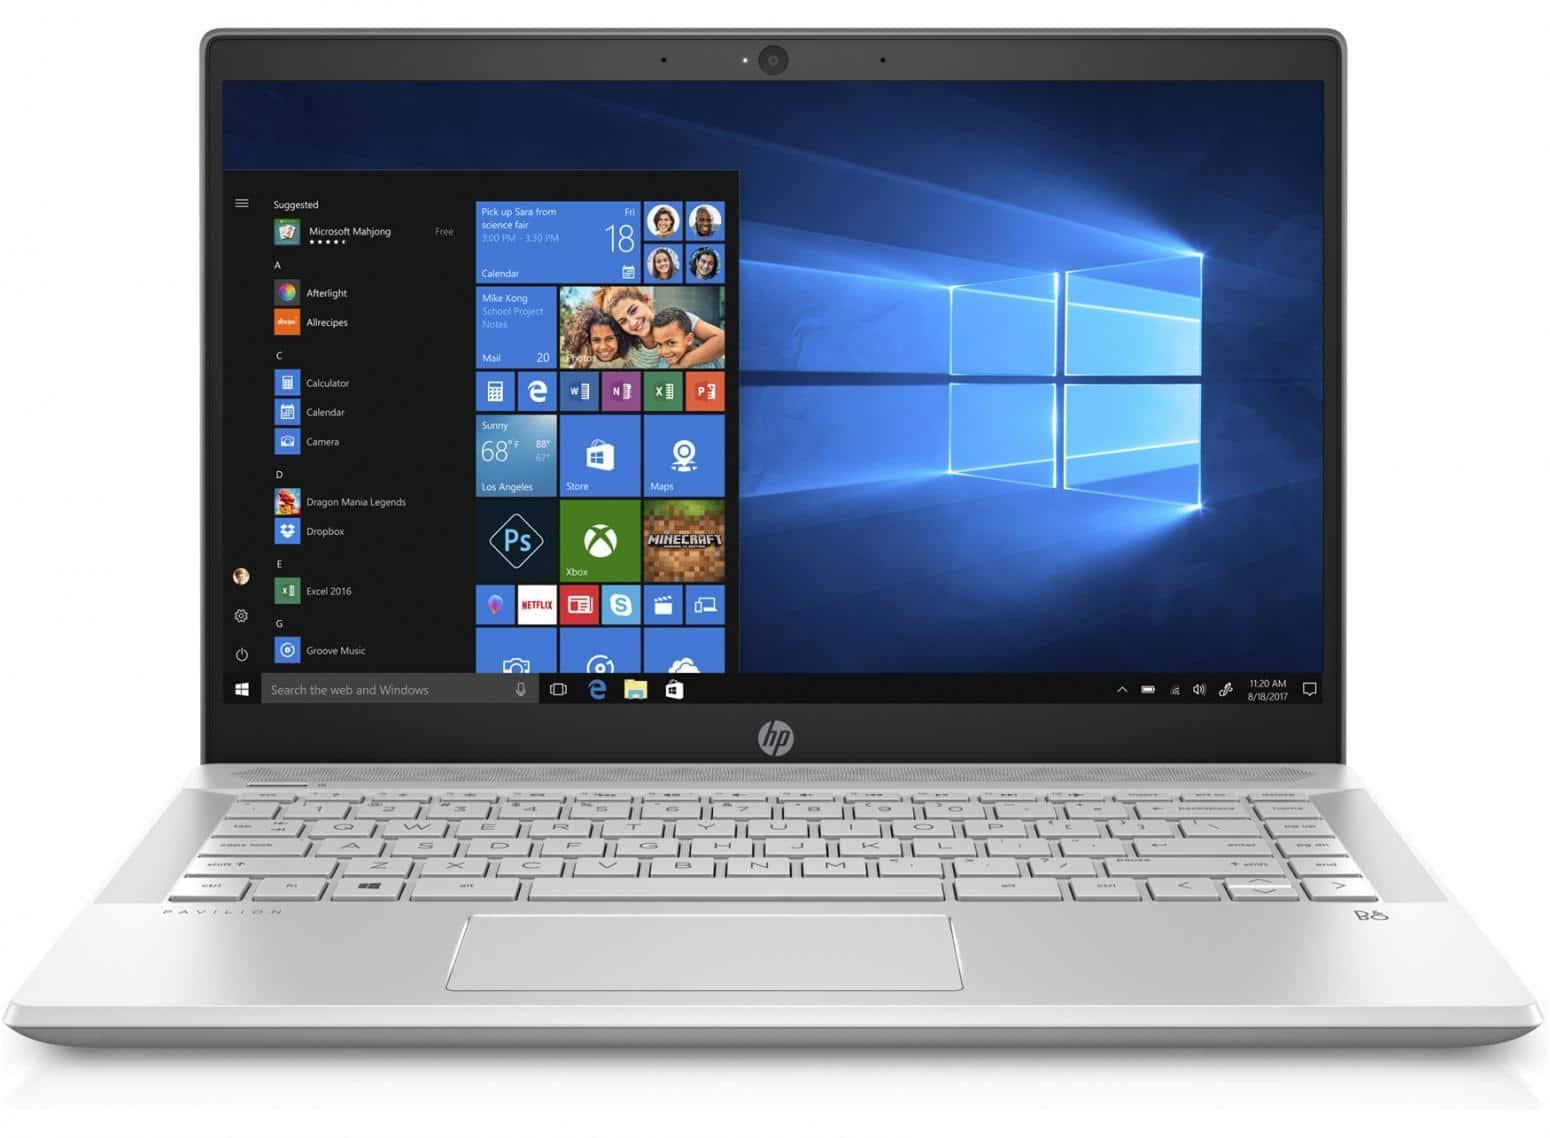 HP Pavilion 14-ce0003nf, ultrabook 14 pouces Full IPS Quad i5 SSD256 à 664€